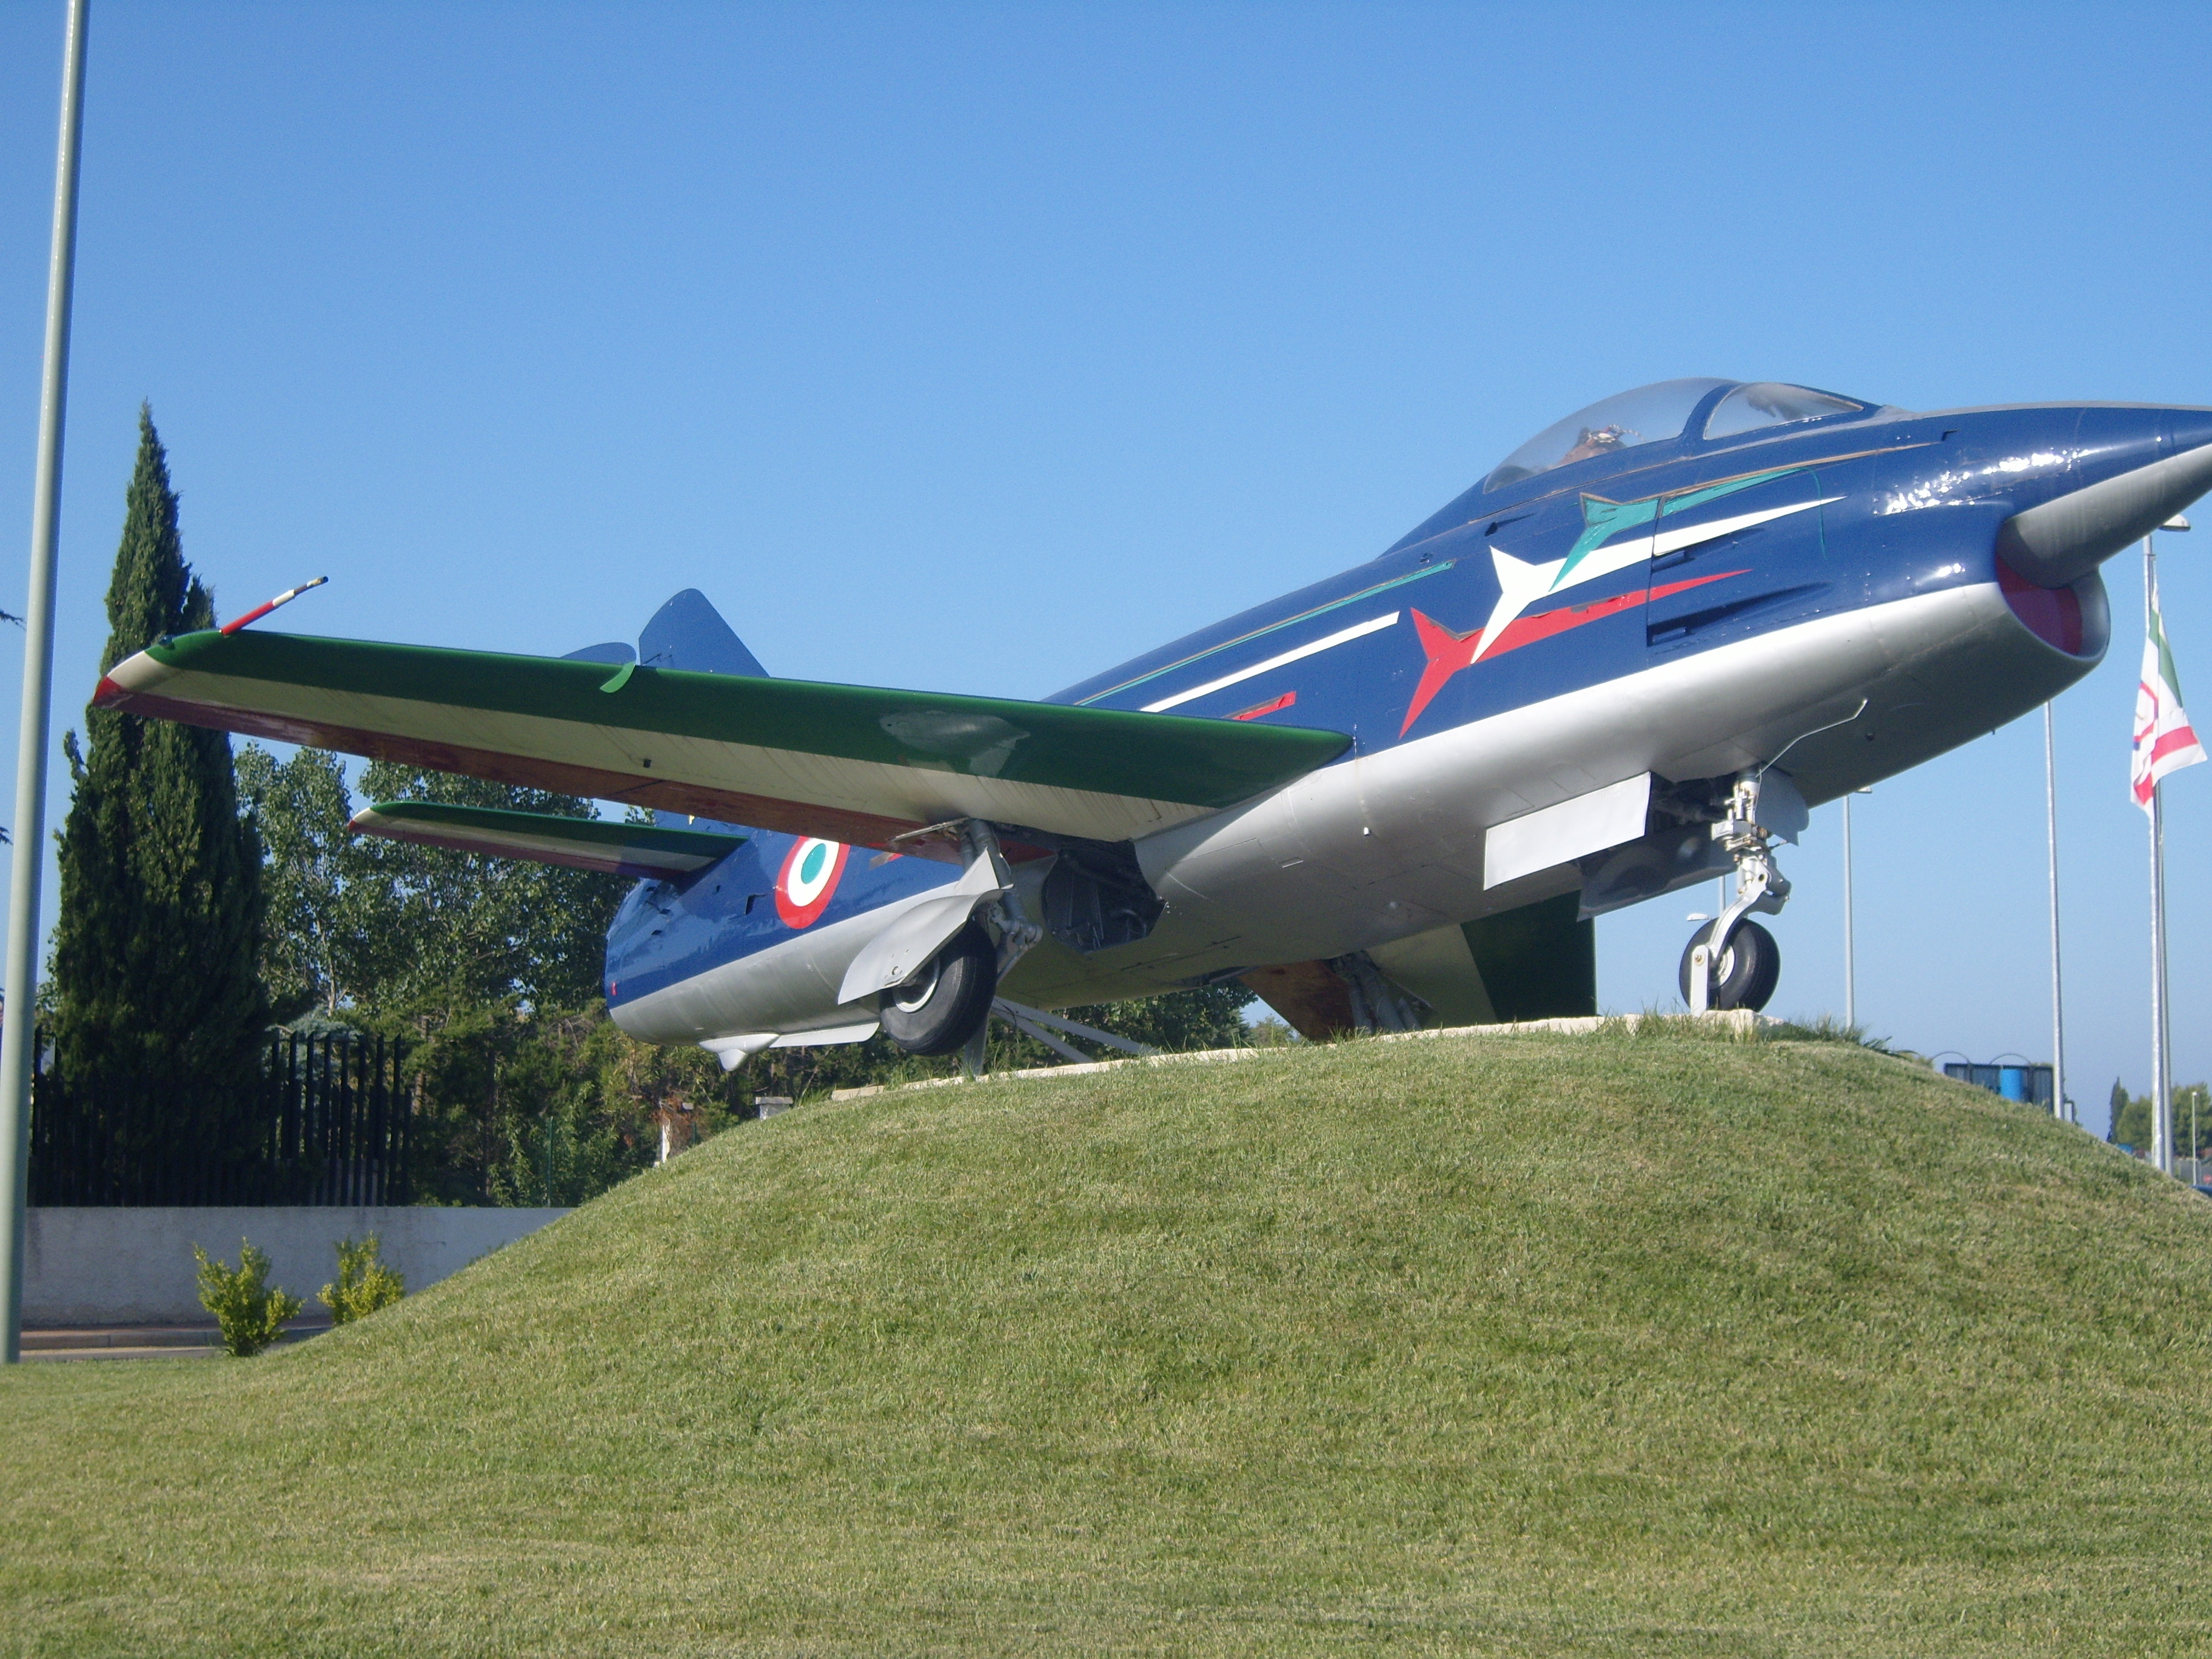 Aeroporto Brindisi : File aeroporto di brindisi modellino lato g wikimedia commons